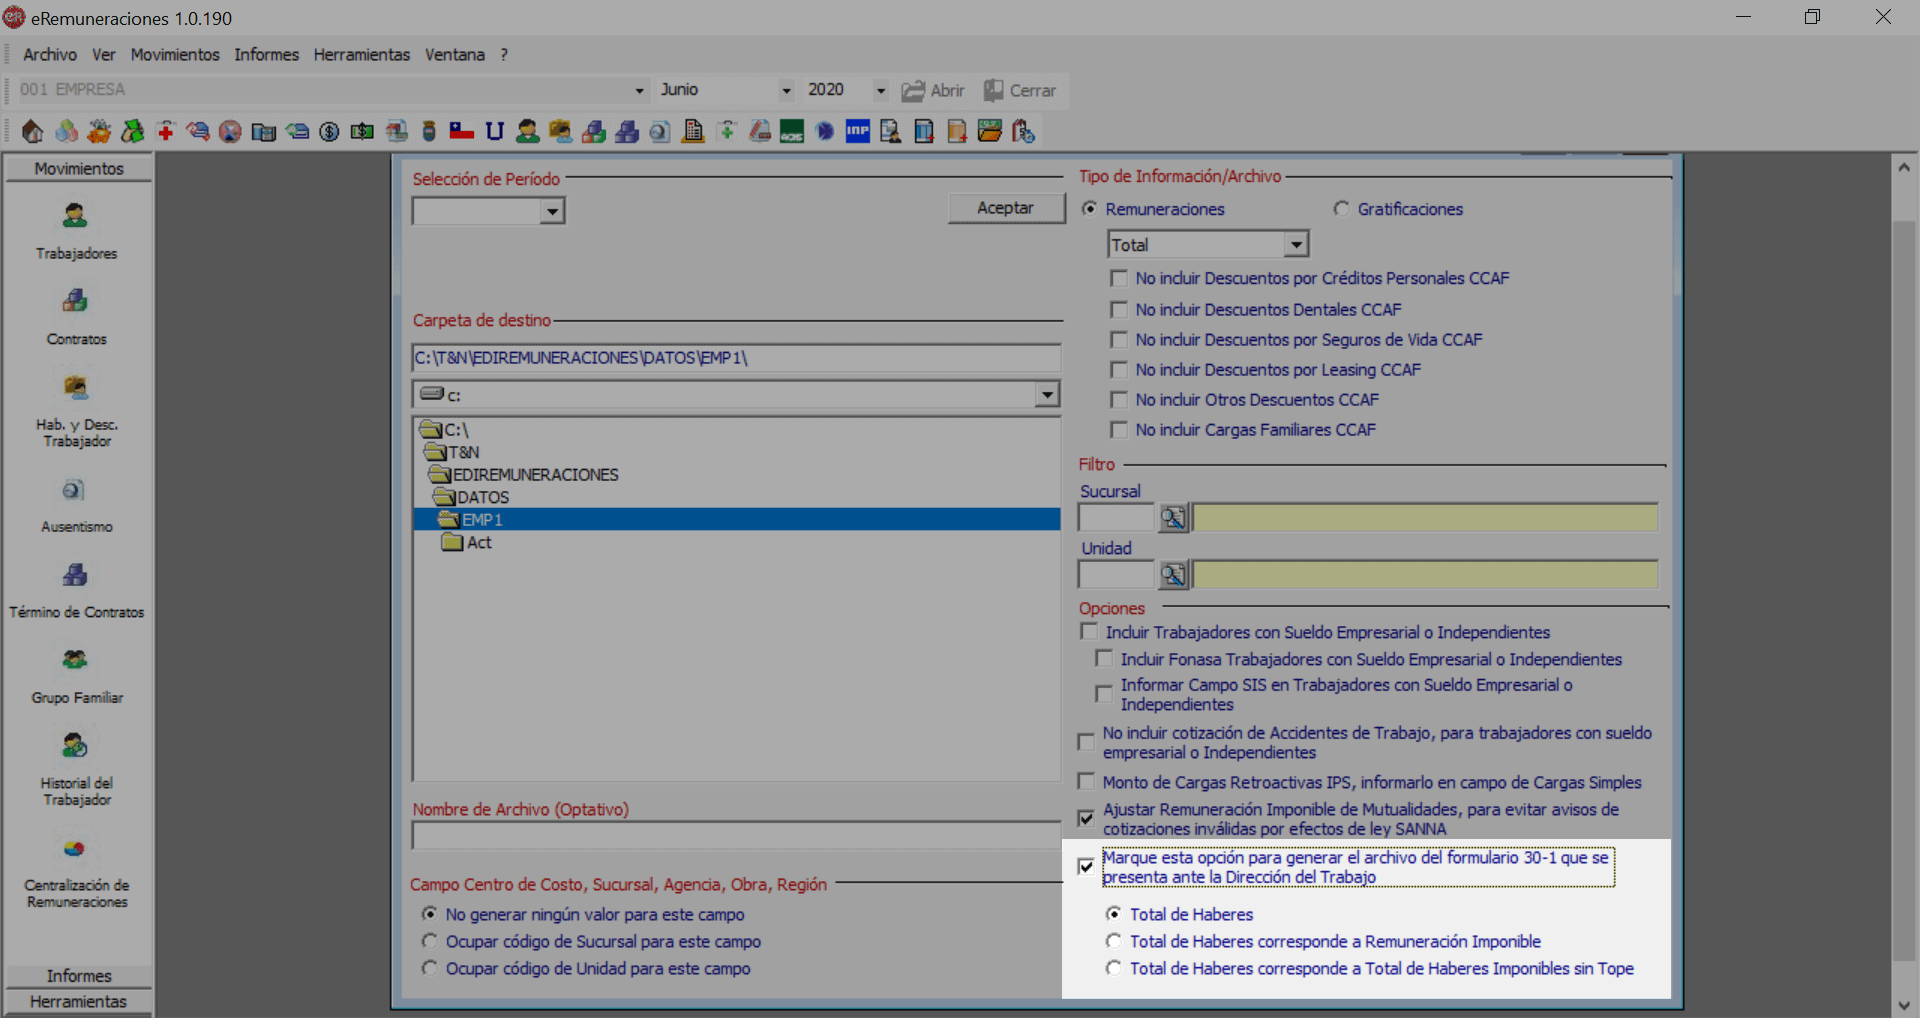 como generar el formulario 30-1 para aplicar la ley de proteccion al empleo